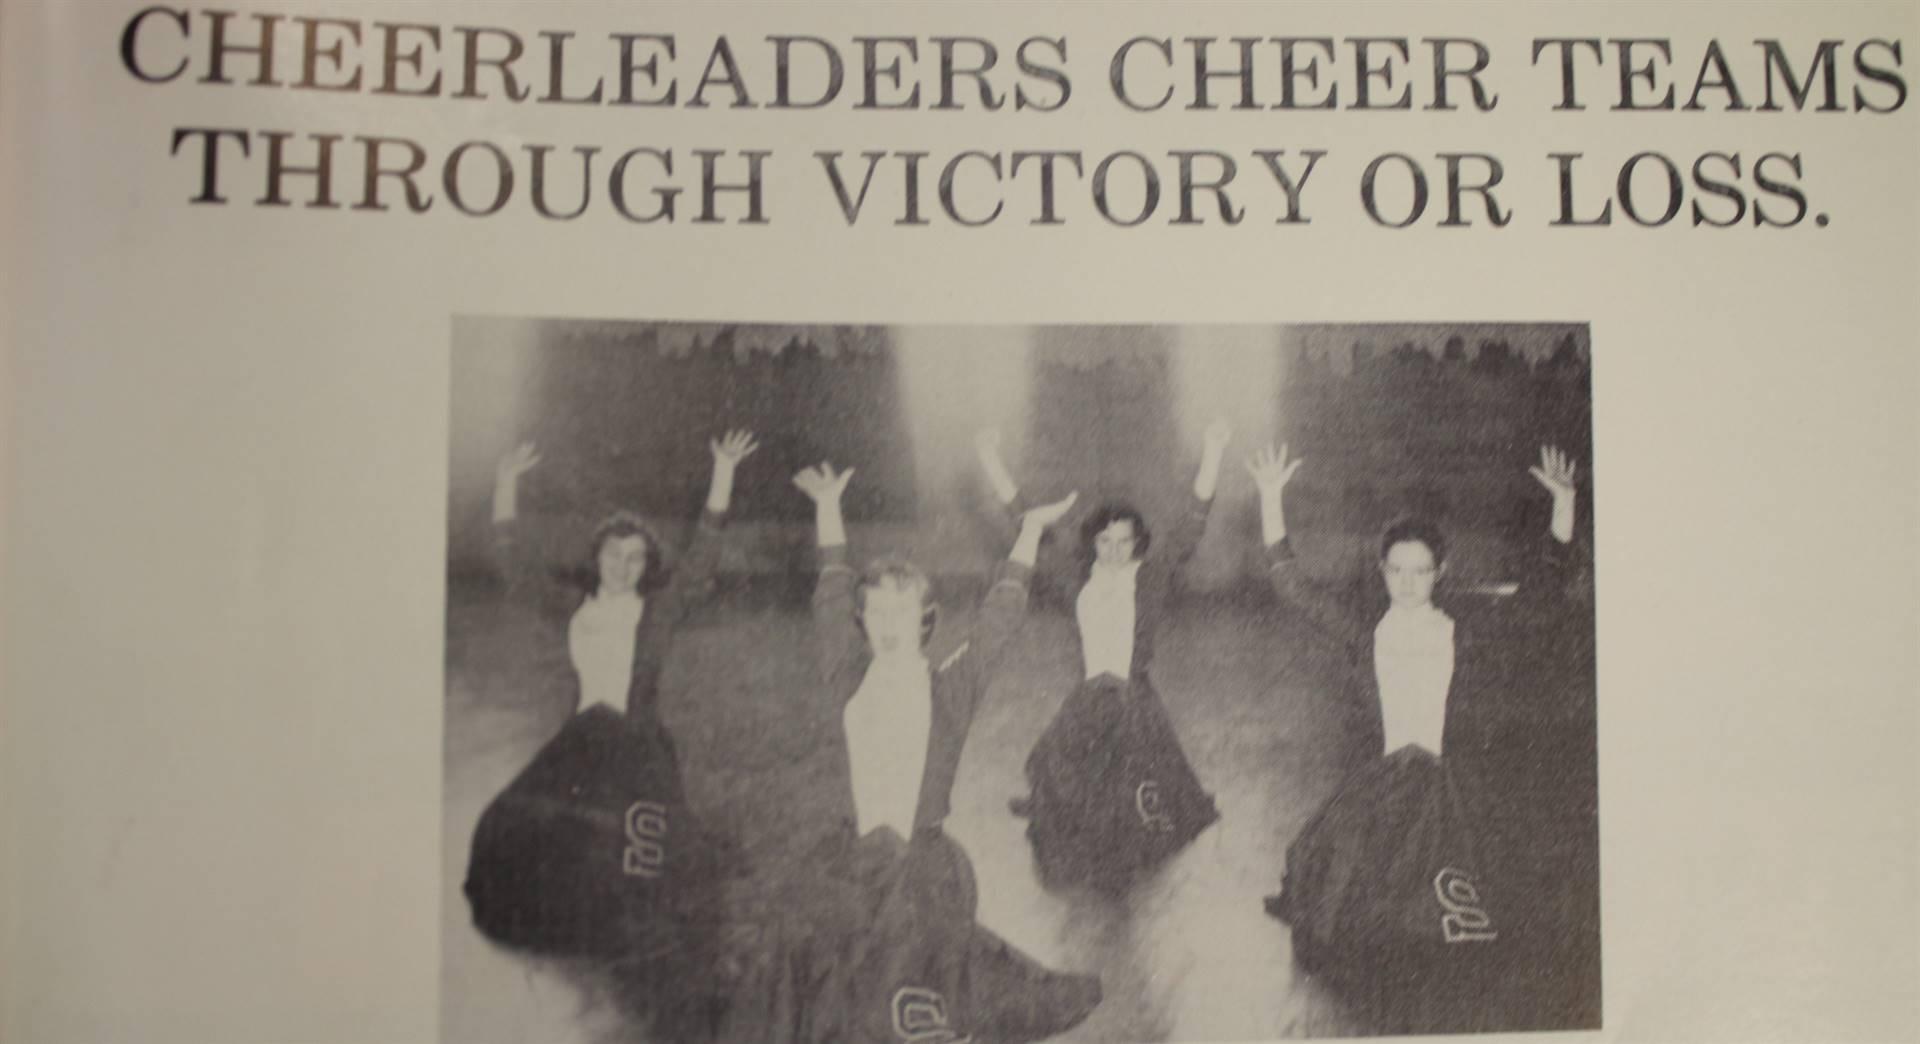 1954 Cheerleaders